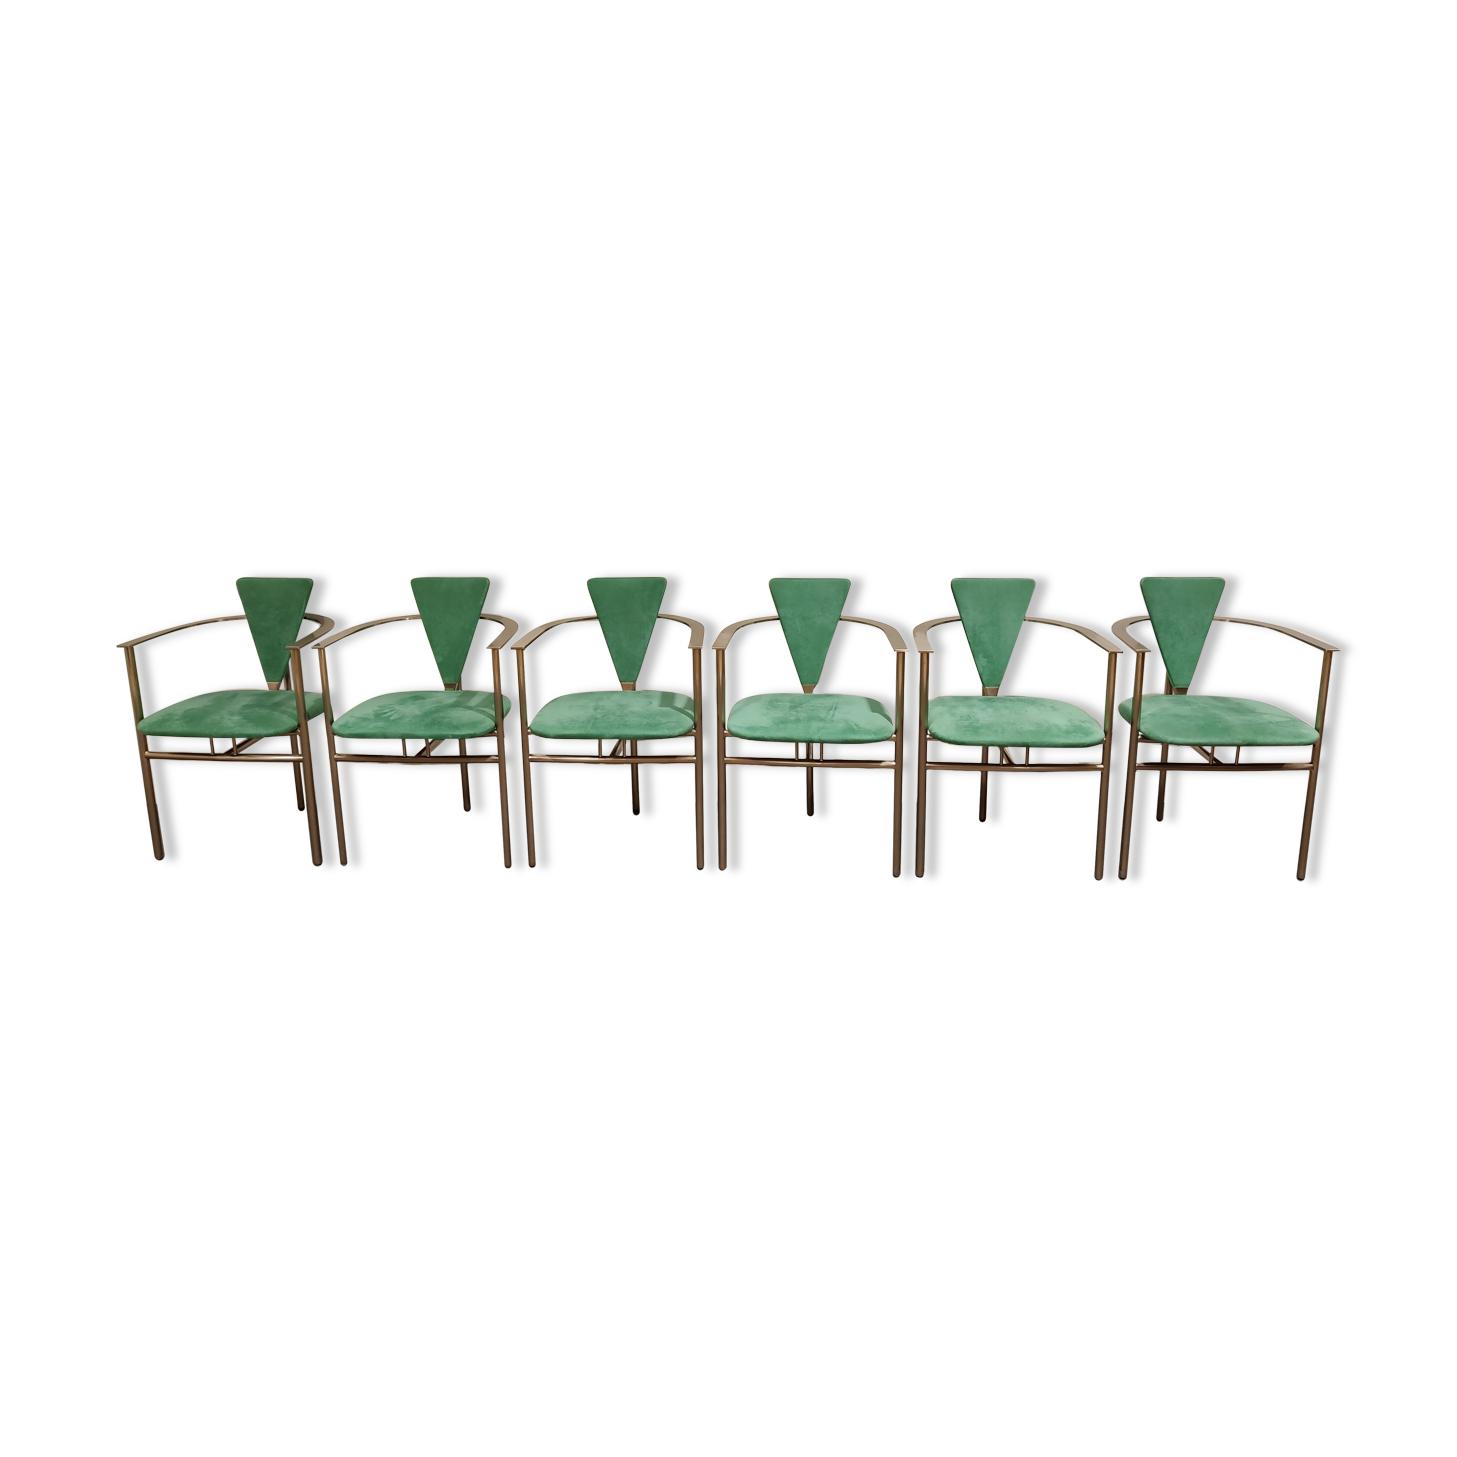 Chaises de salle à manger vintage par Belgo chrom, ensemble de 6 - années 1980